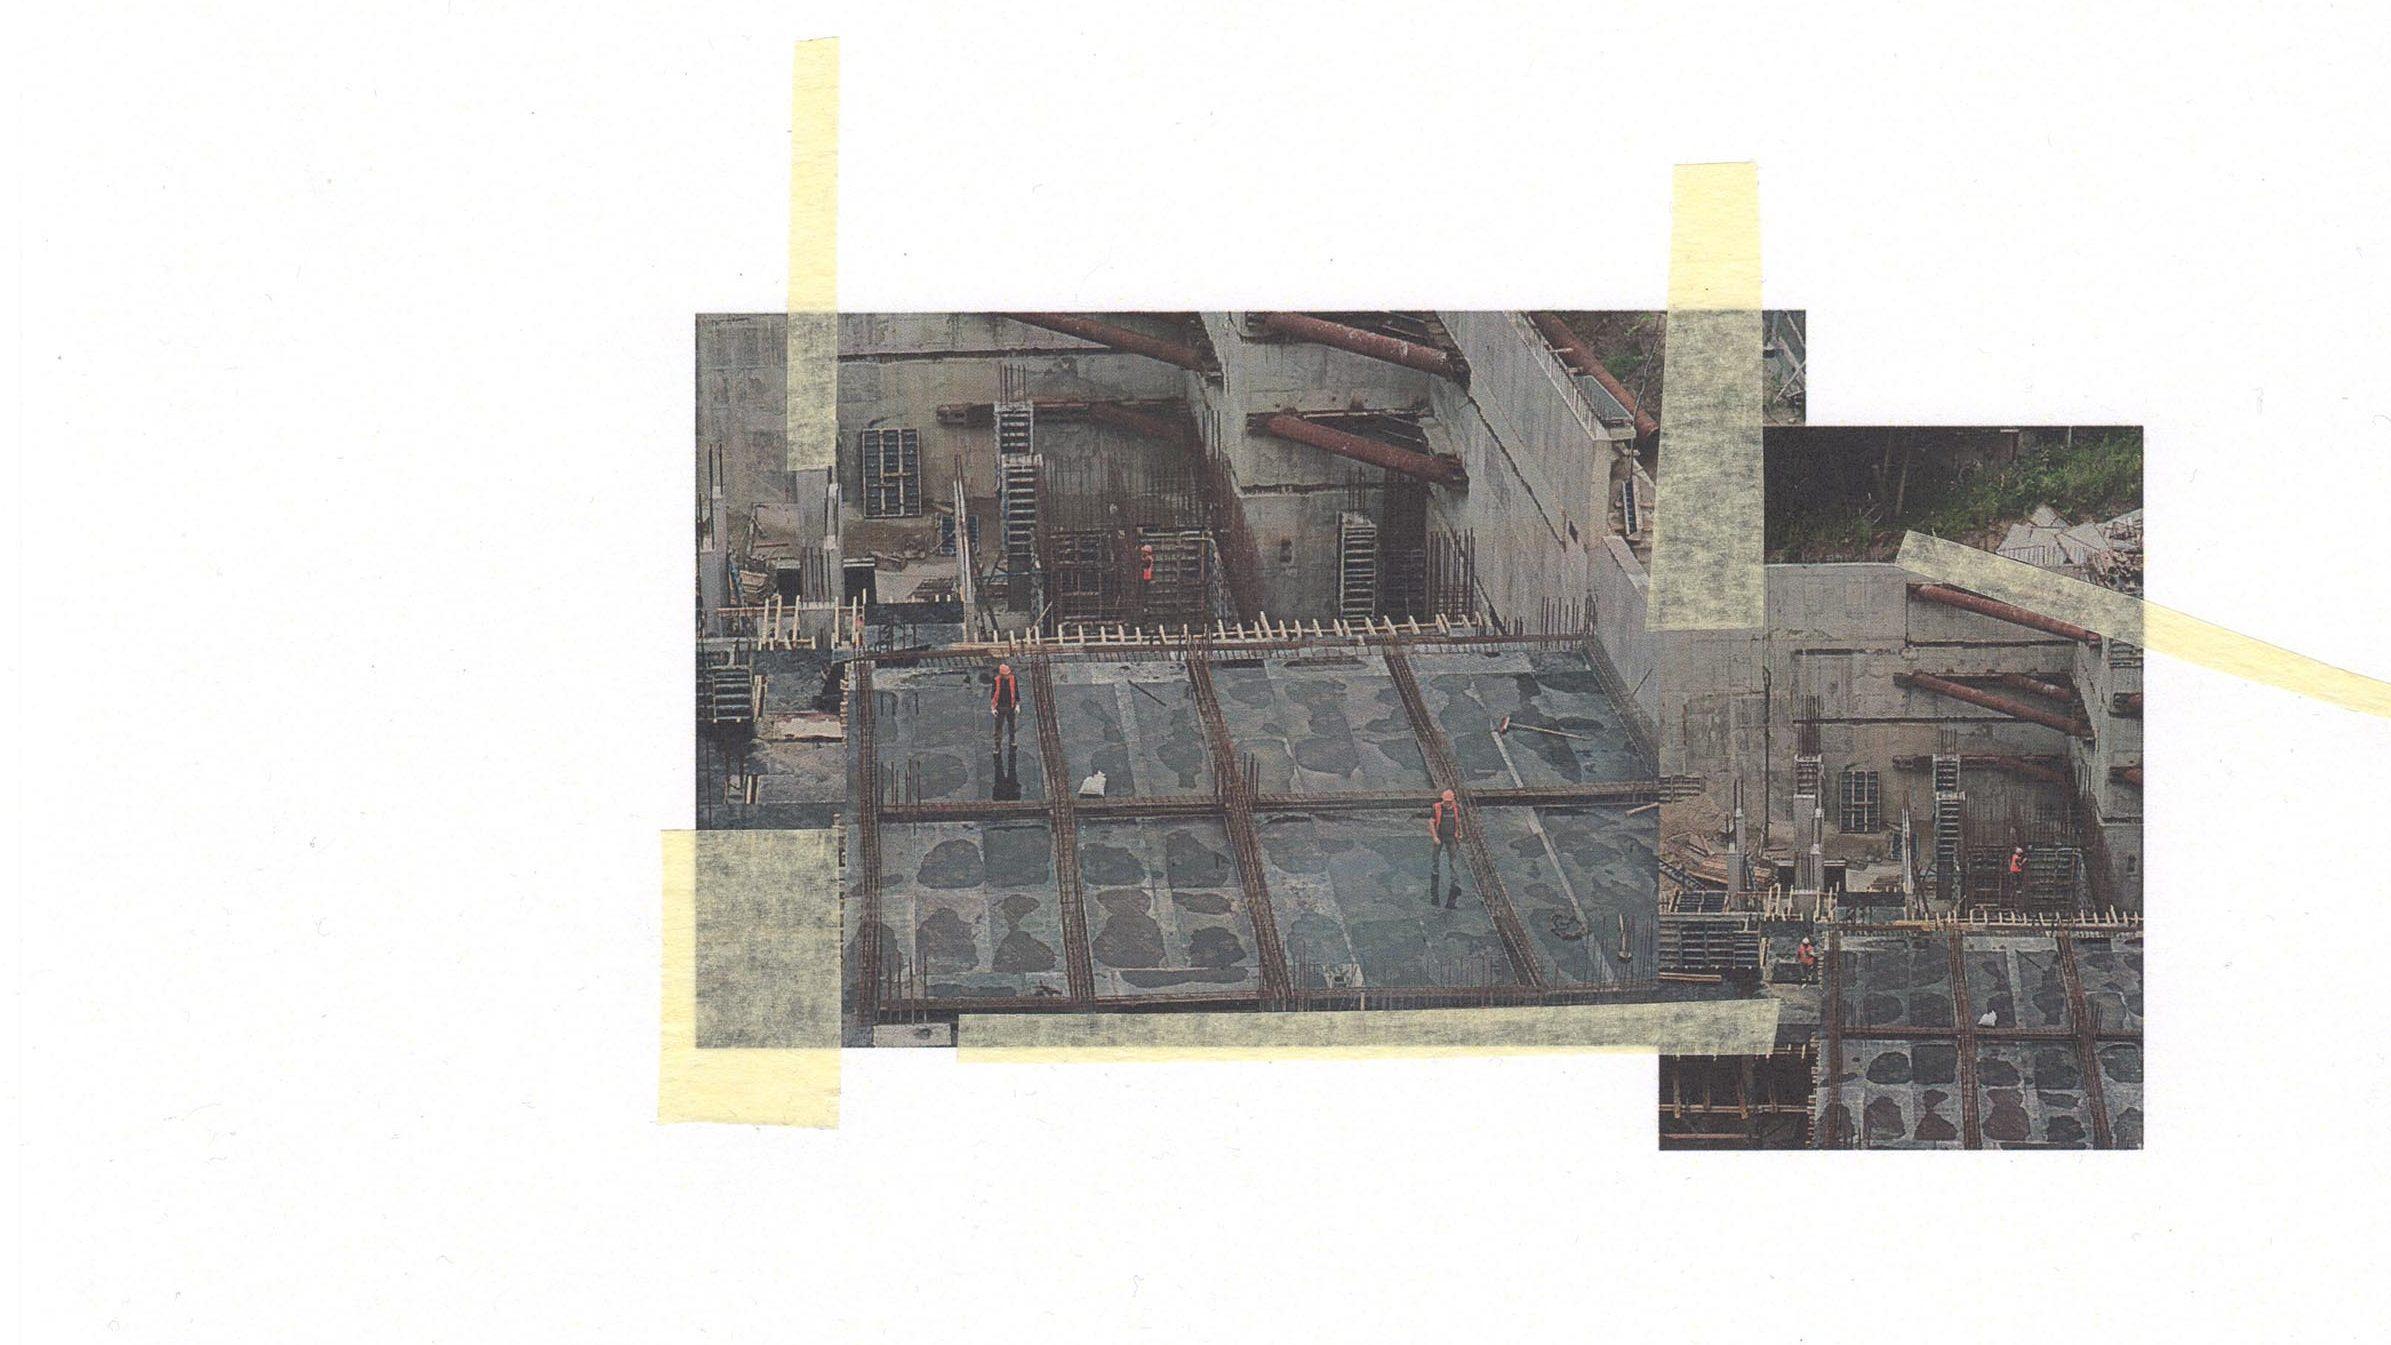 z sayenko 06 censorship 051220 edited - <b>Спи міцно, моє будівництво.</b> Проєкт Олесі Саєнко — у «Рівні цензури» - Заборона